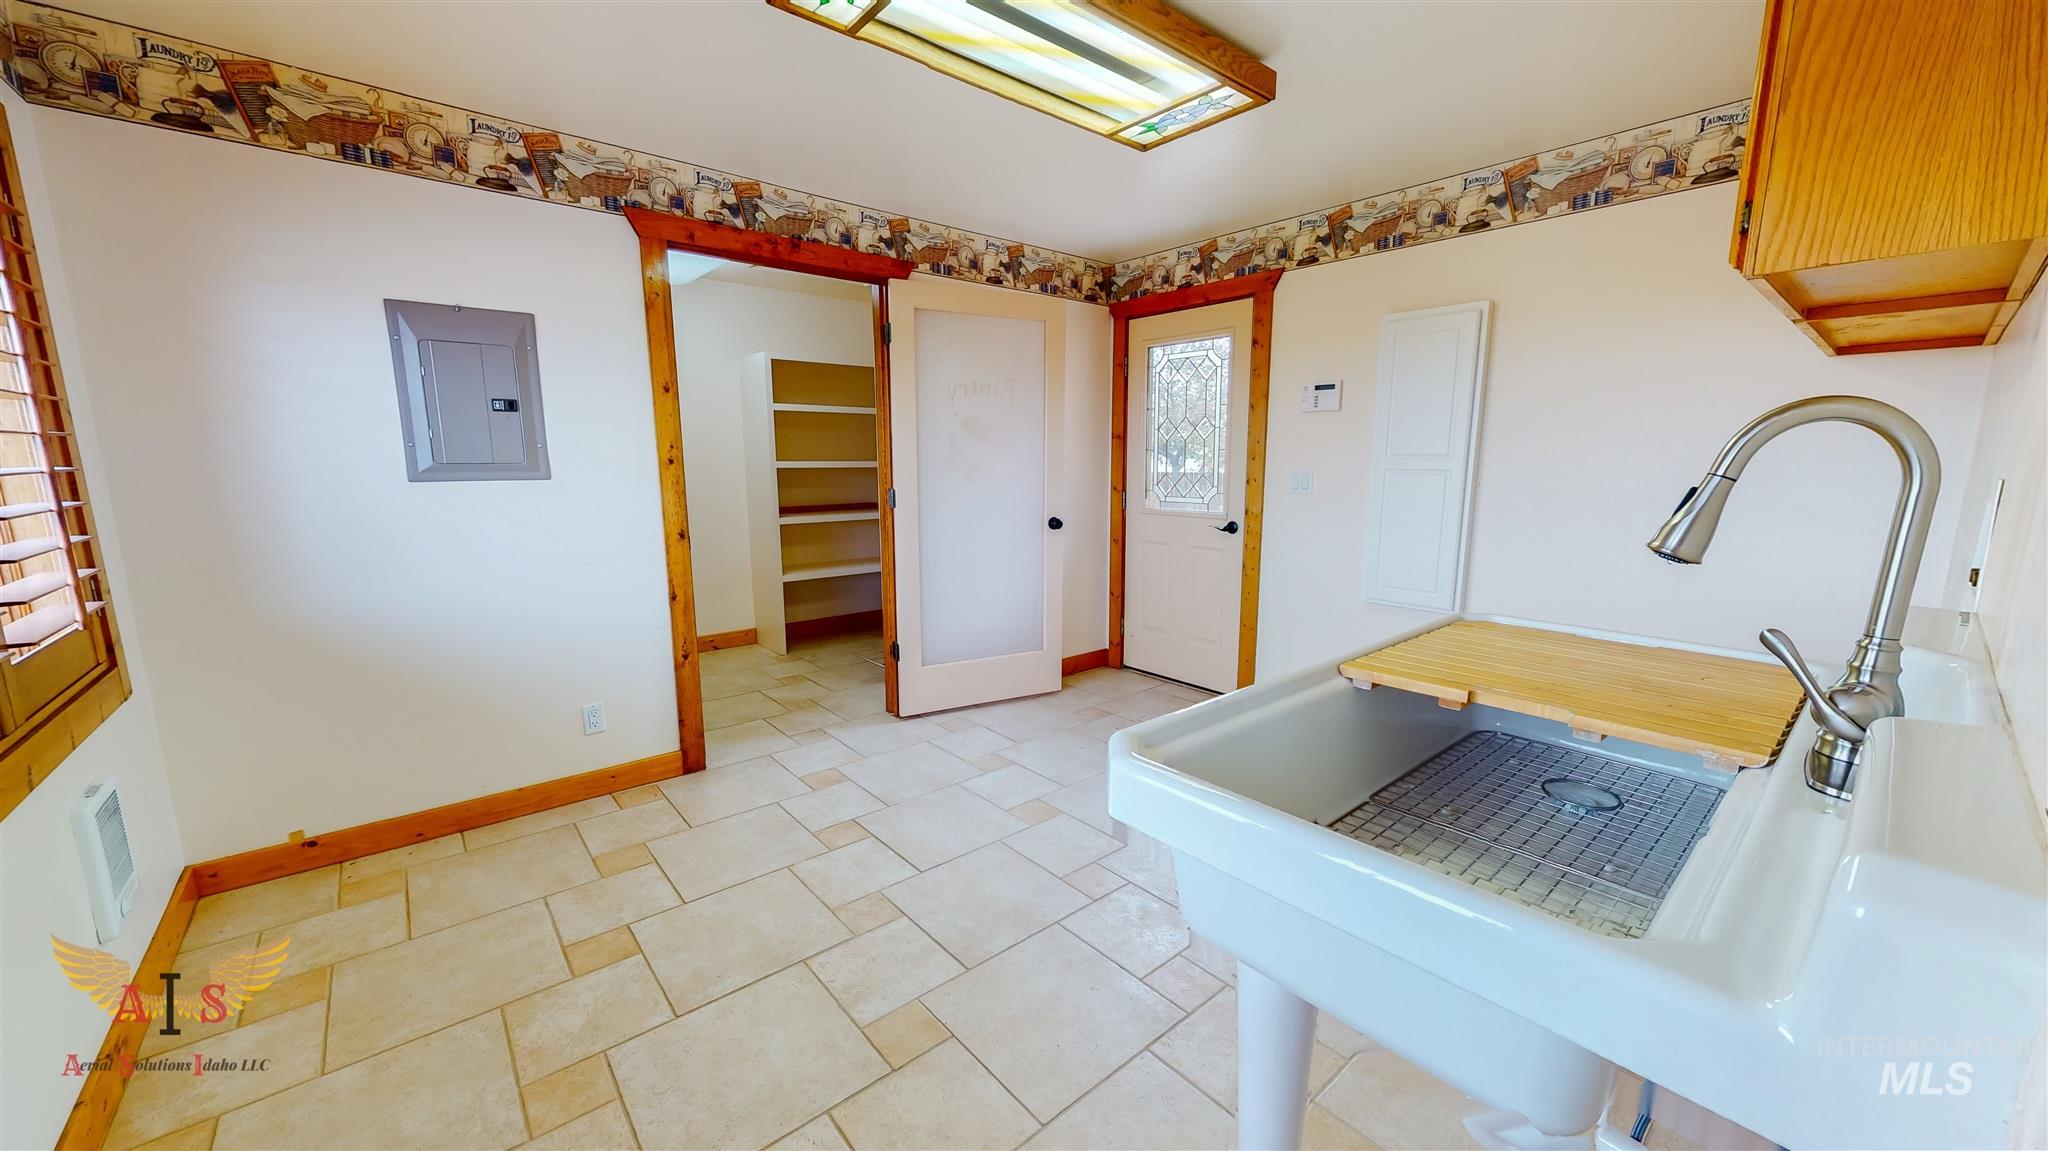 352 S 500 W Property Photo 12